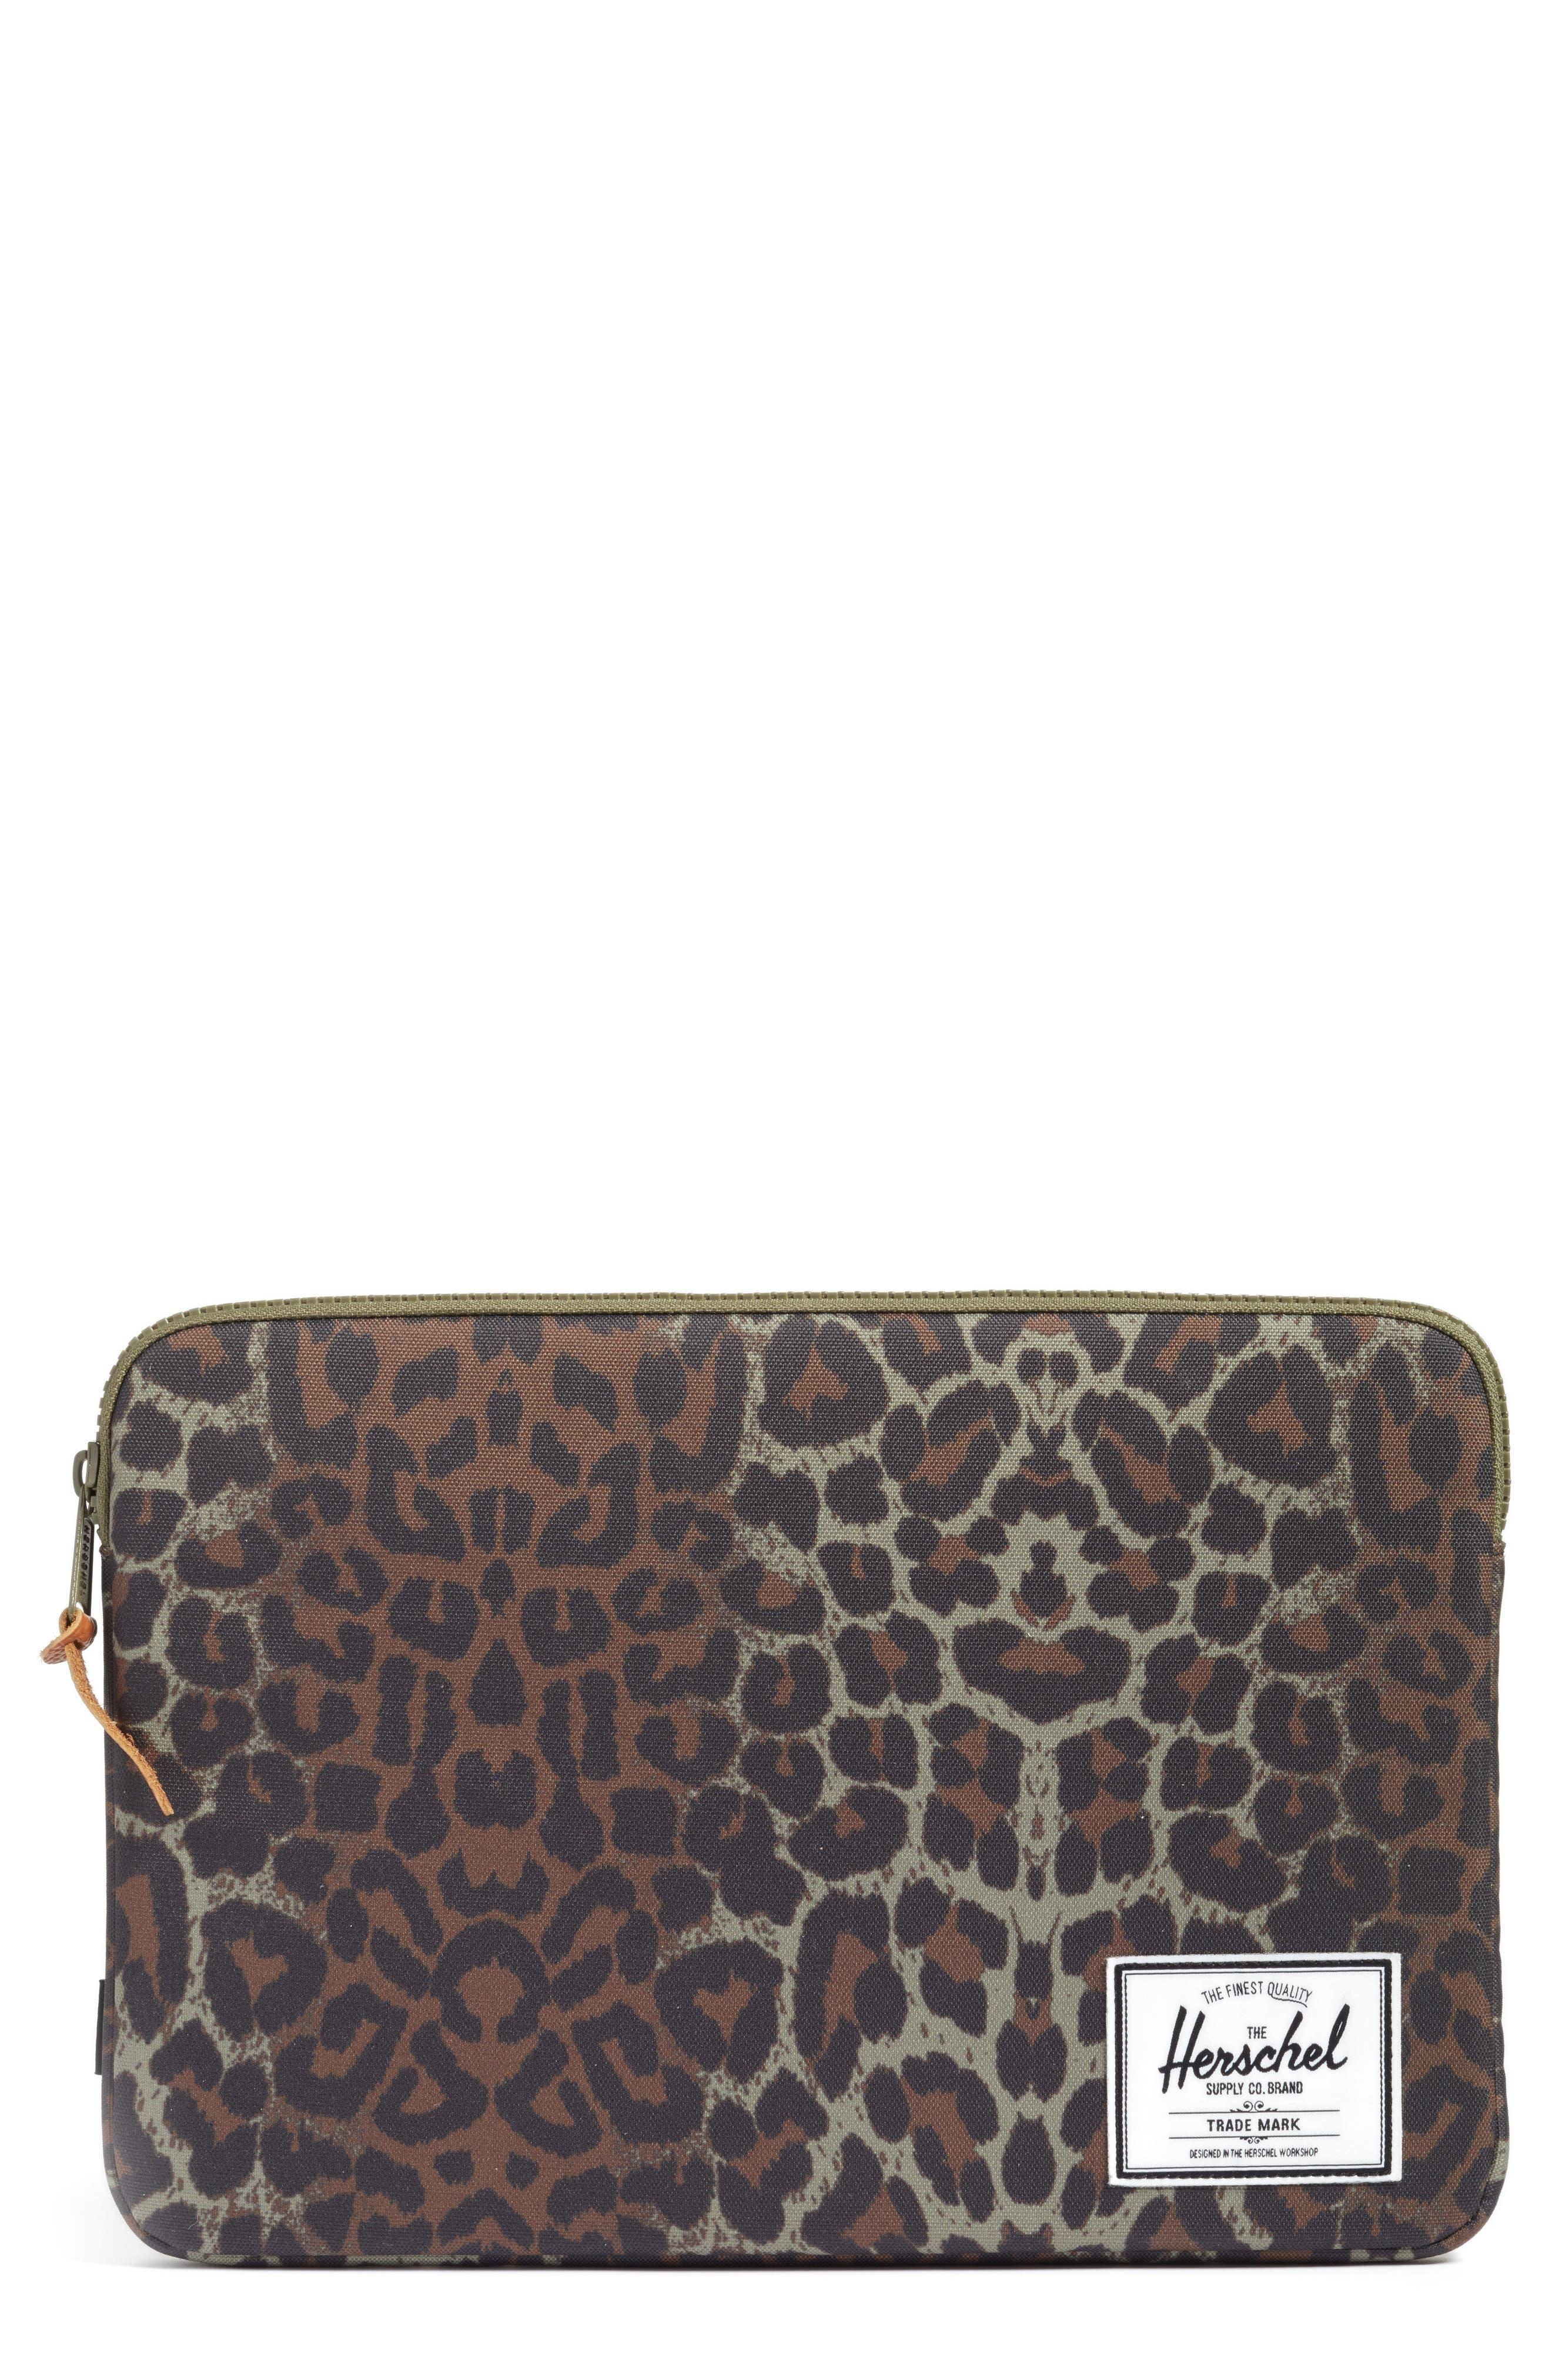 Anchor Laptop Sleeve,                         Main,                         color, Cheetah Camo